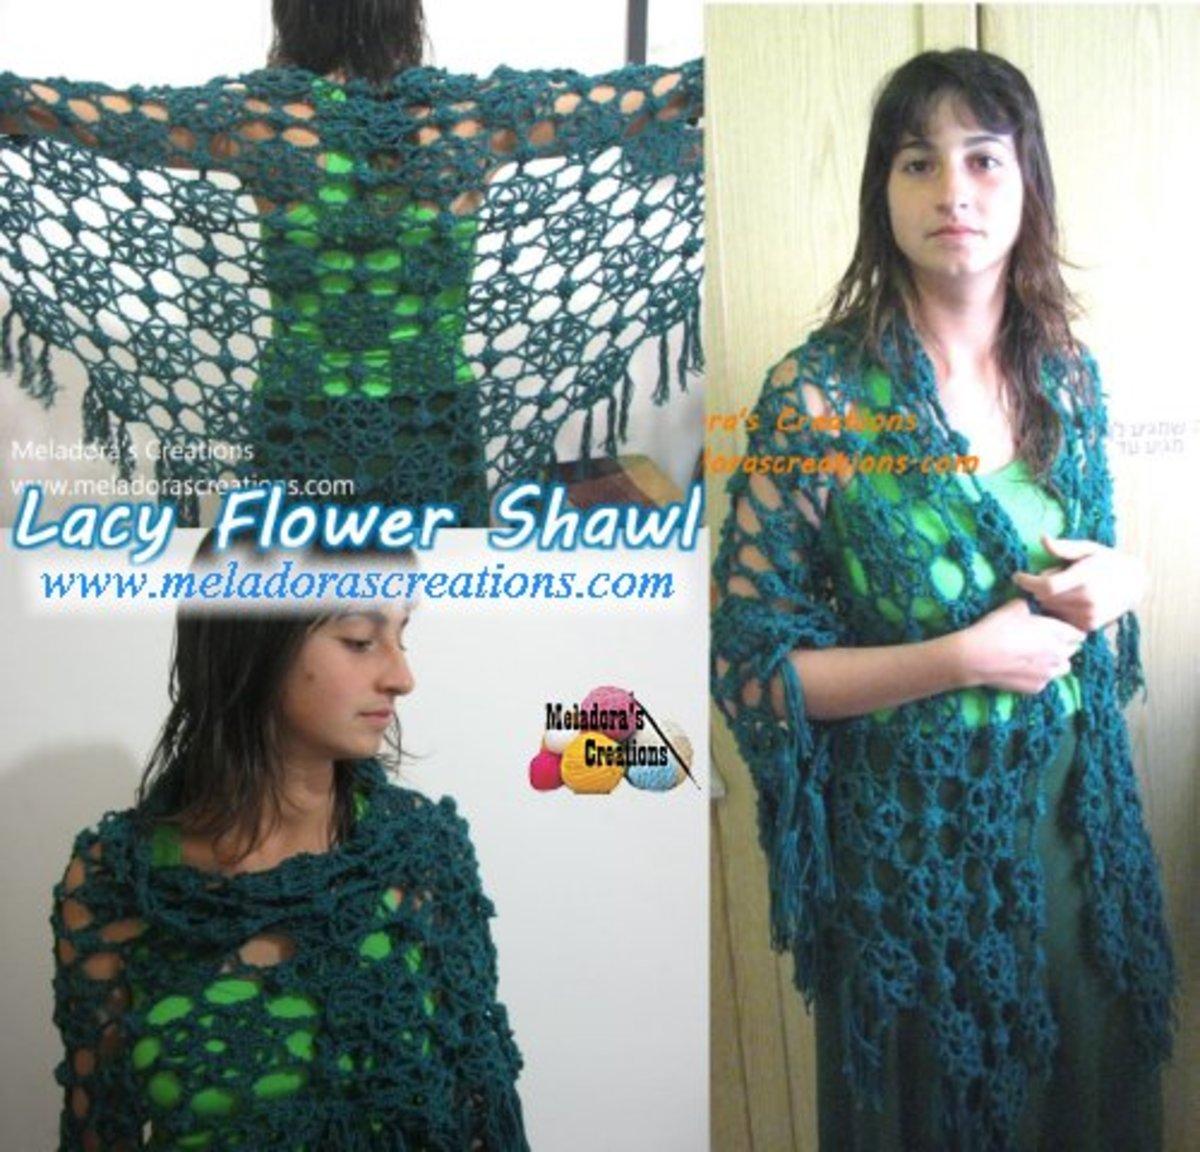 Lacy Flower Shawl